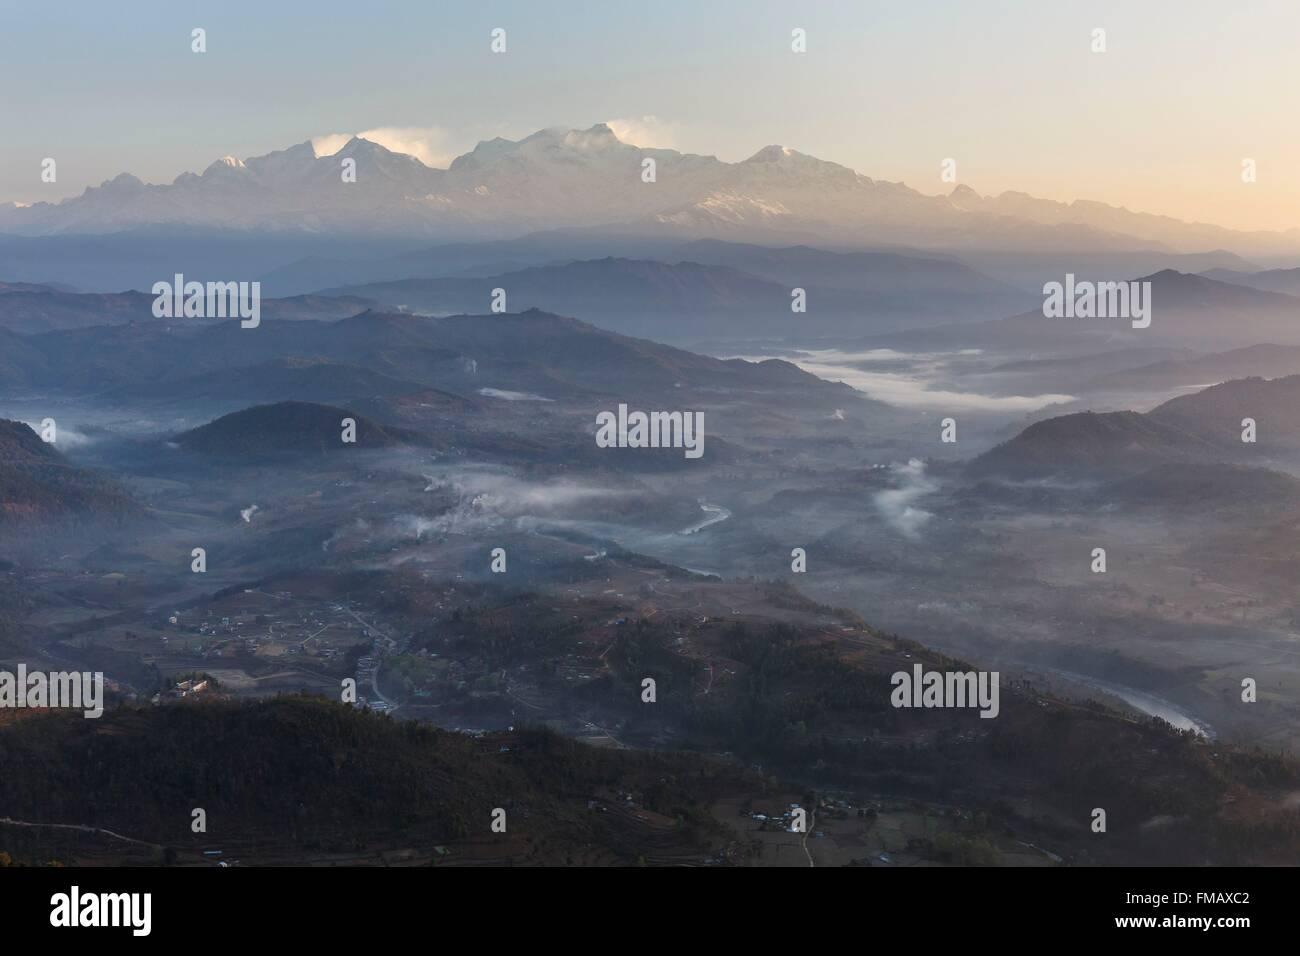 Le Népal, Gandaki zone, Bandipur, Himalaya et de la brume dans la vallée au lever du soleil Photo Stock